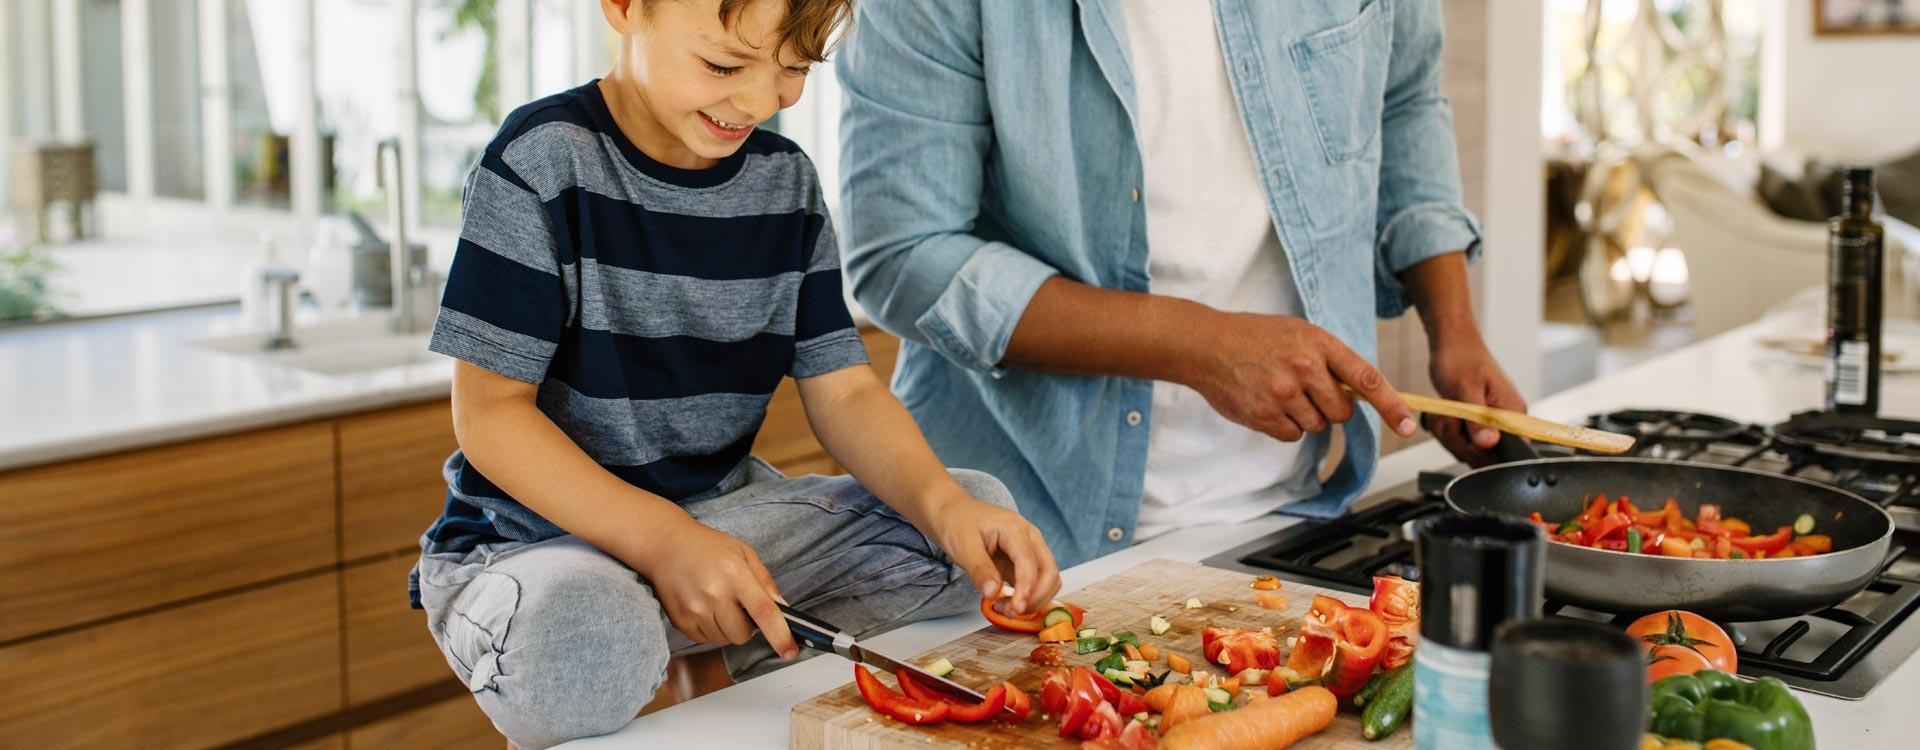 Przekonaj się, czy potrzebujesz robota kuchennego!